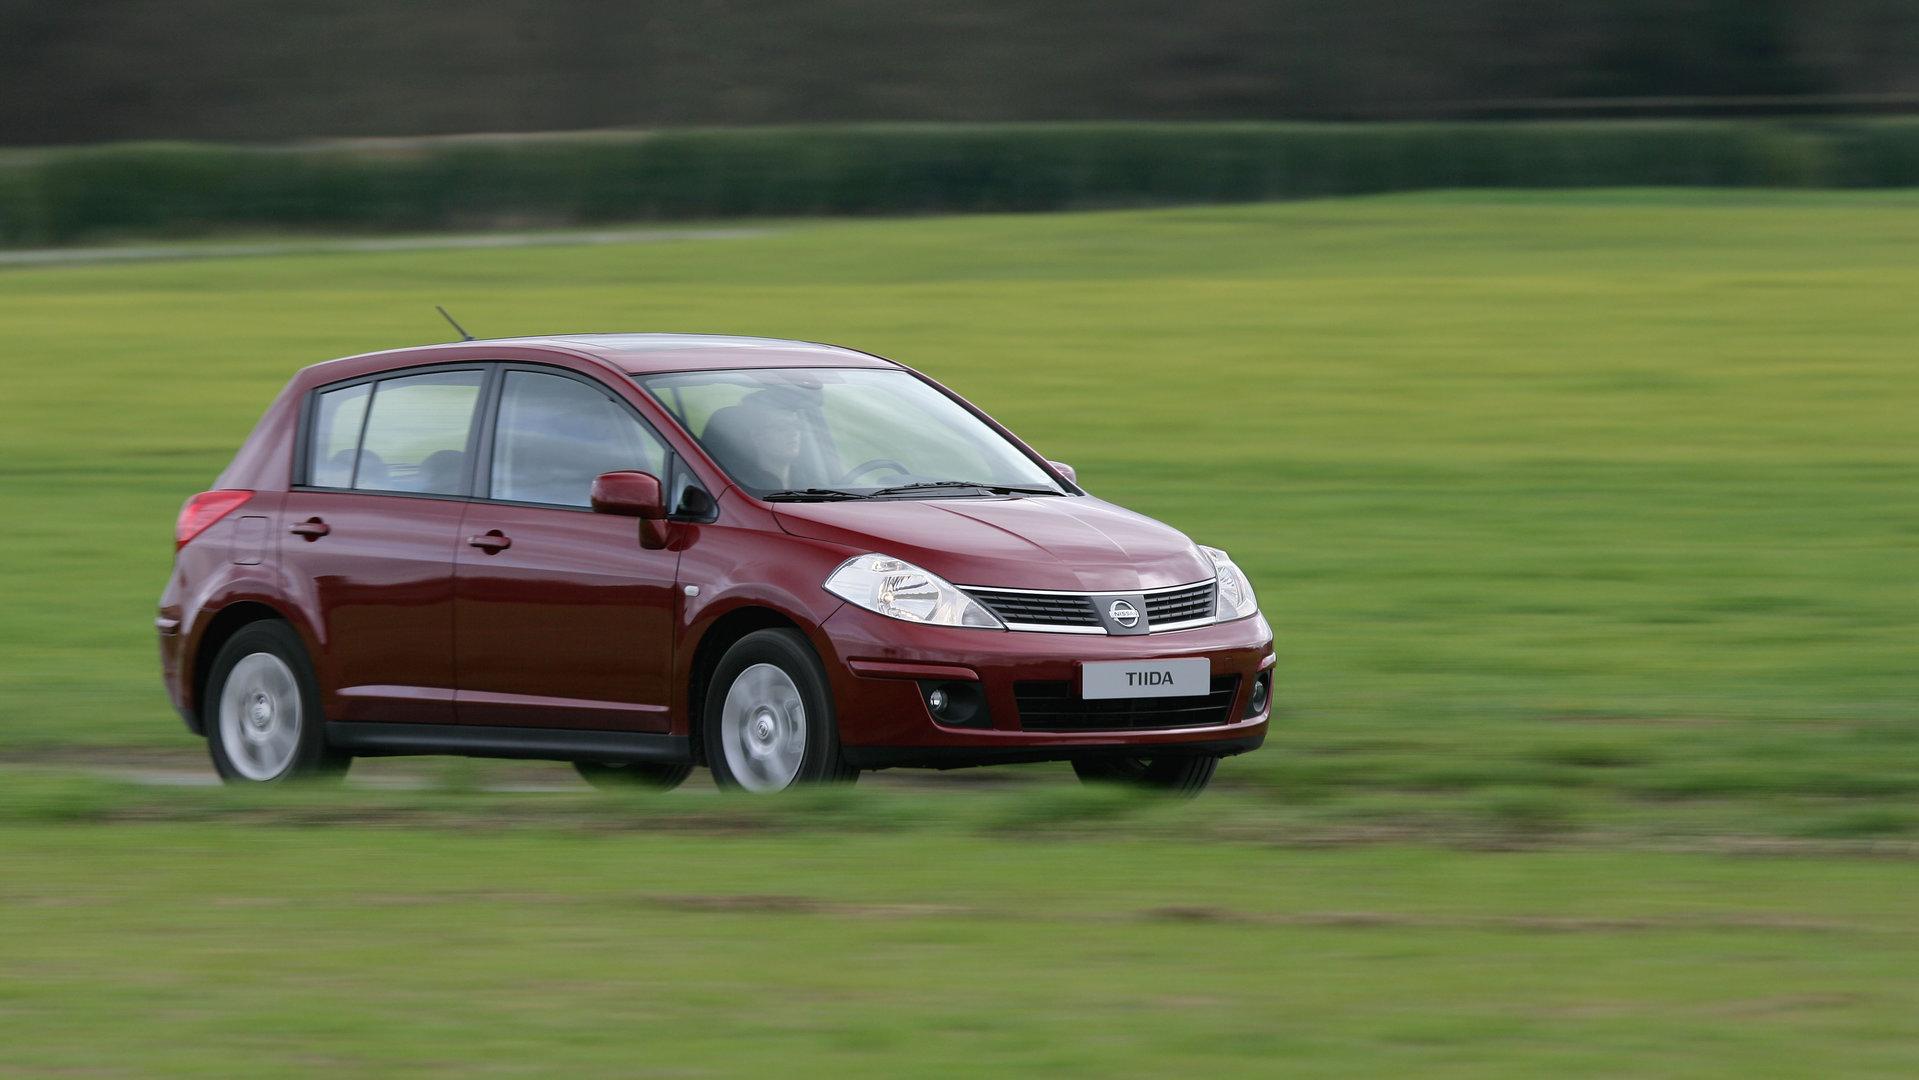 Coche del día: Nissan Tiida (C11)